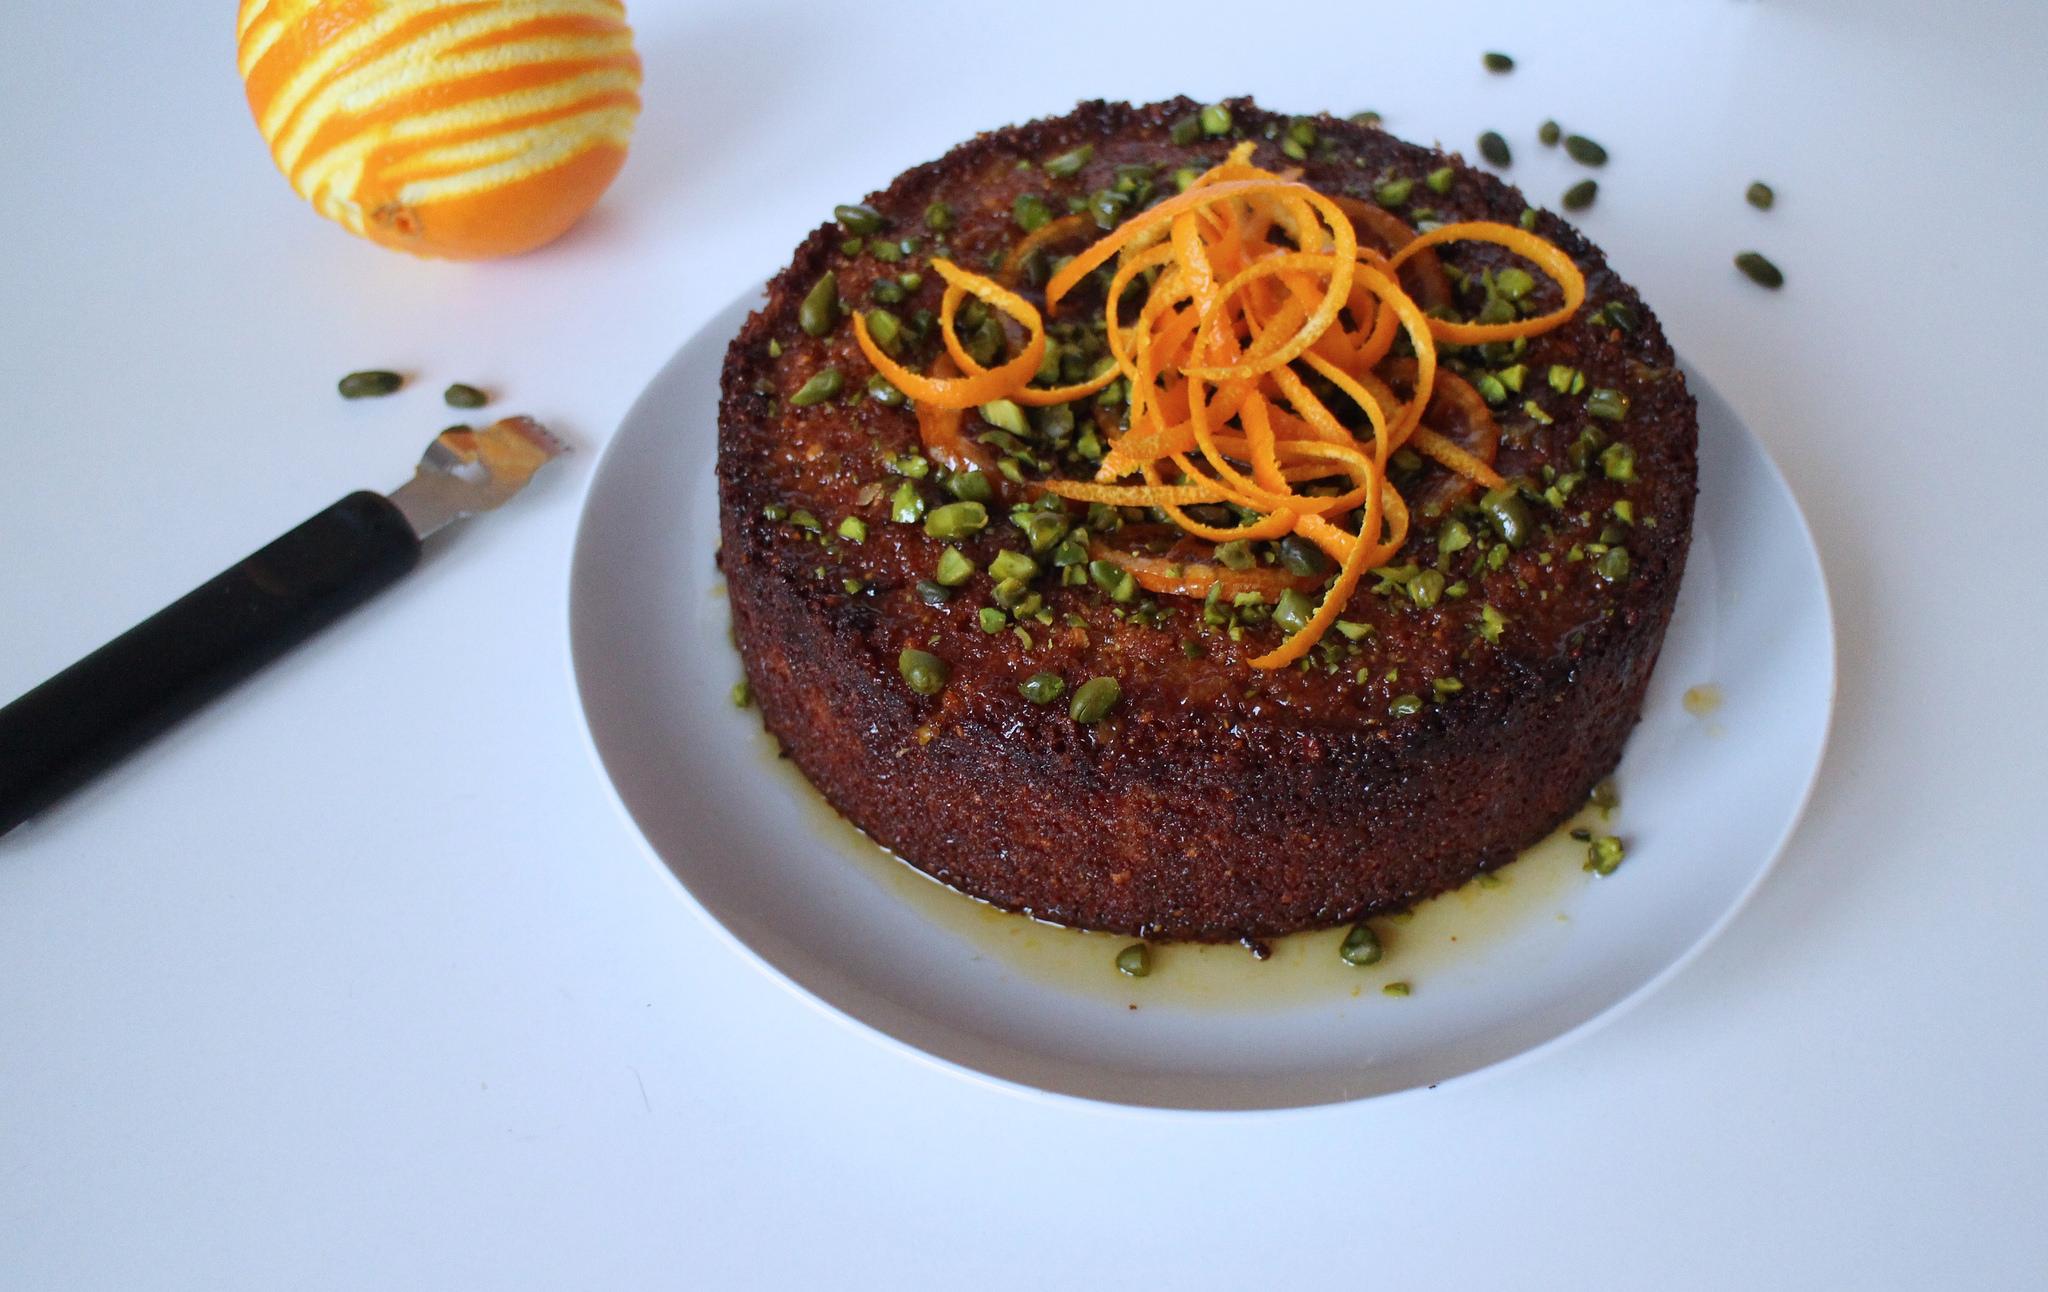 glutenfri kage med mandler